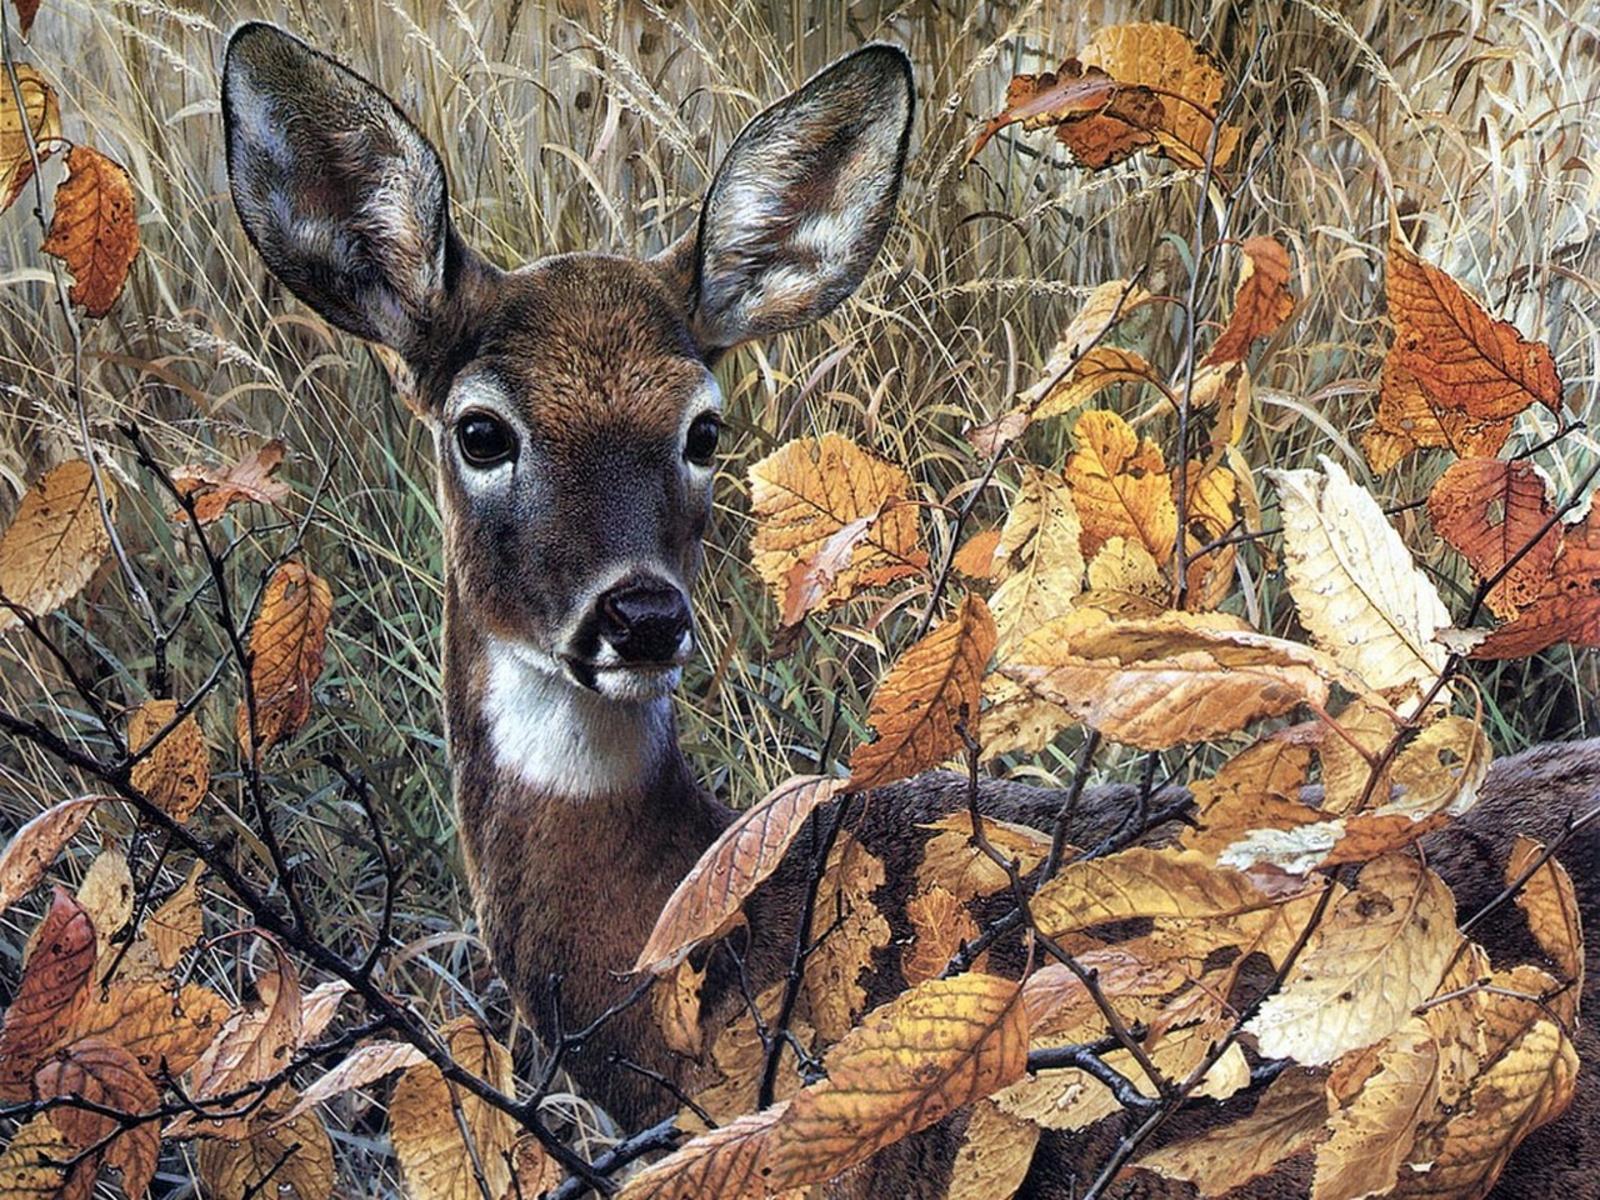 Whitetail deer screensavers and wallpaper wallpapersafari - Free deer hunting screensavers ...